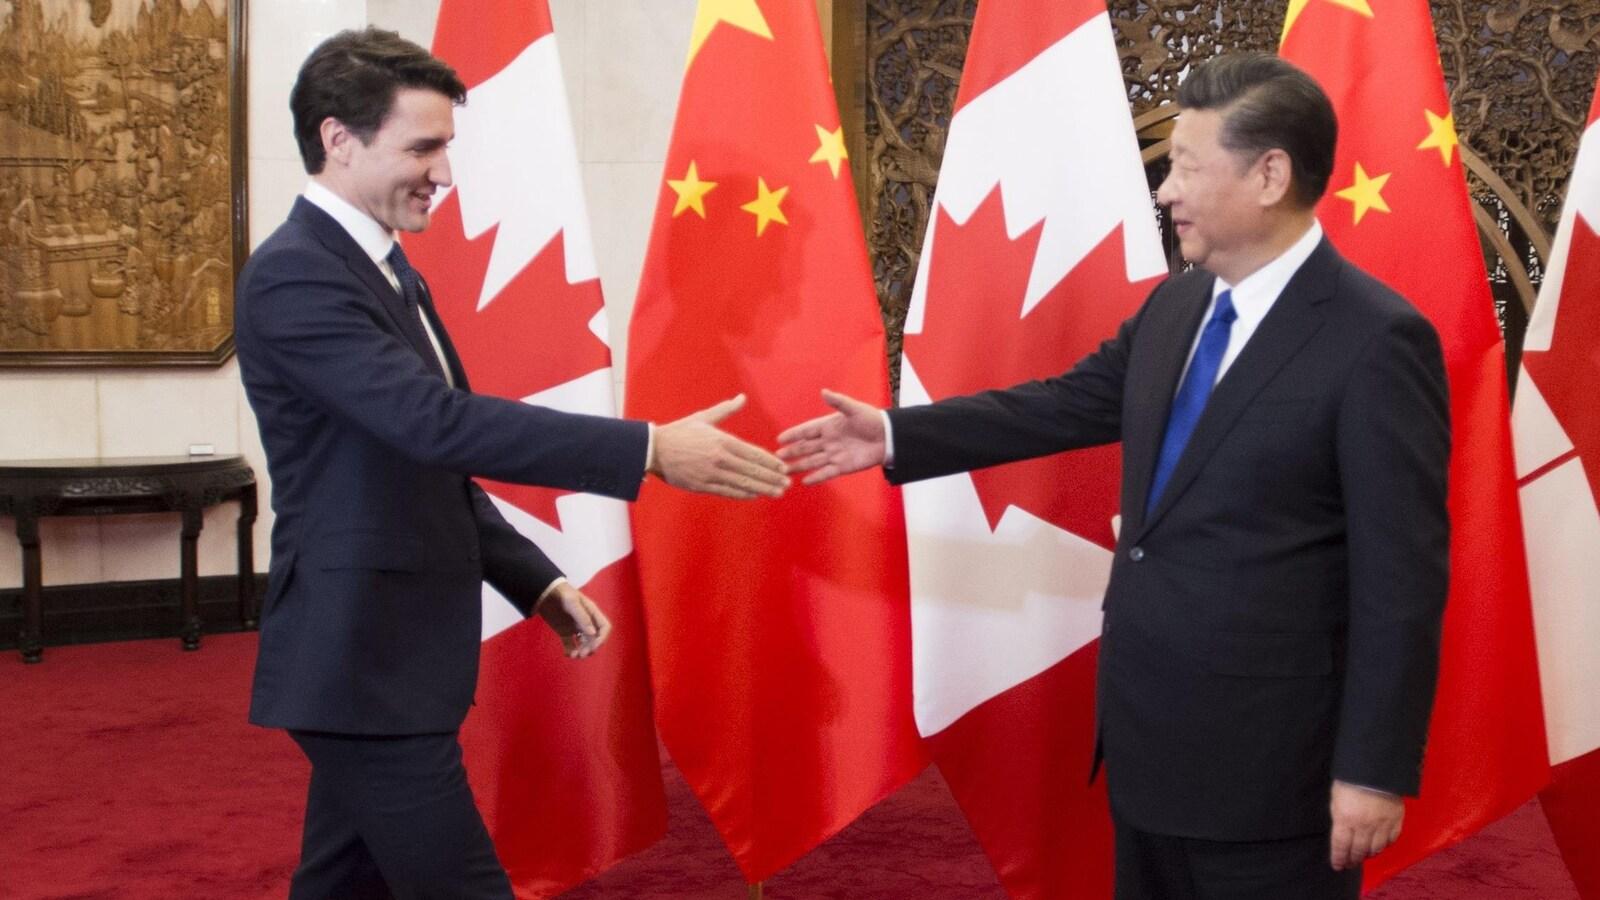 Justin Trudeau et le président chinois Xi Jinping, devant des drapeaux de la Chine et du Canada, sur le point de se serrer la main.